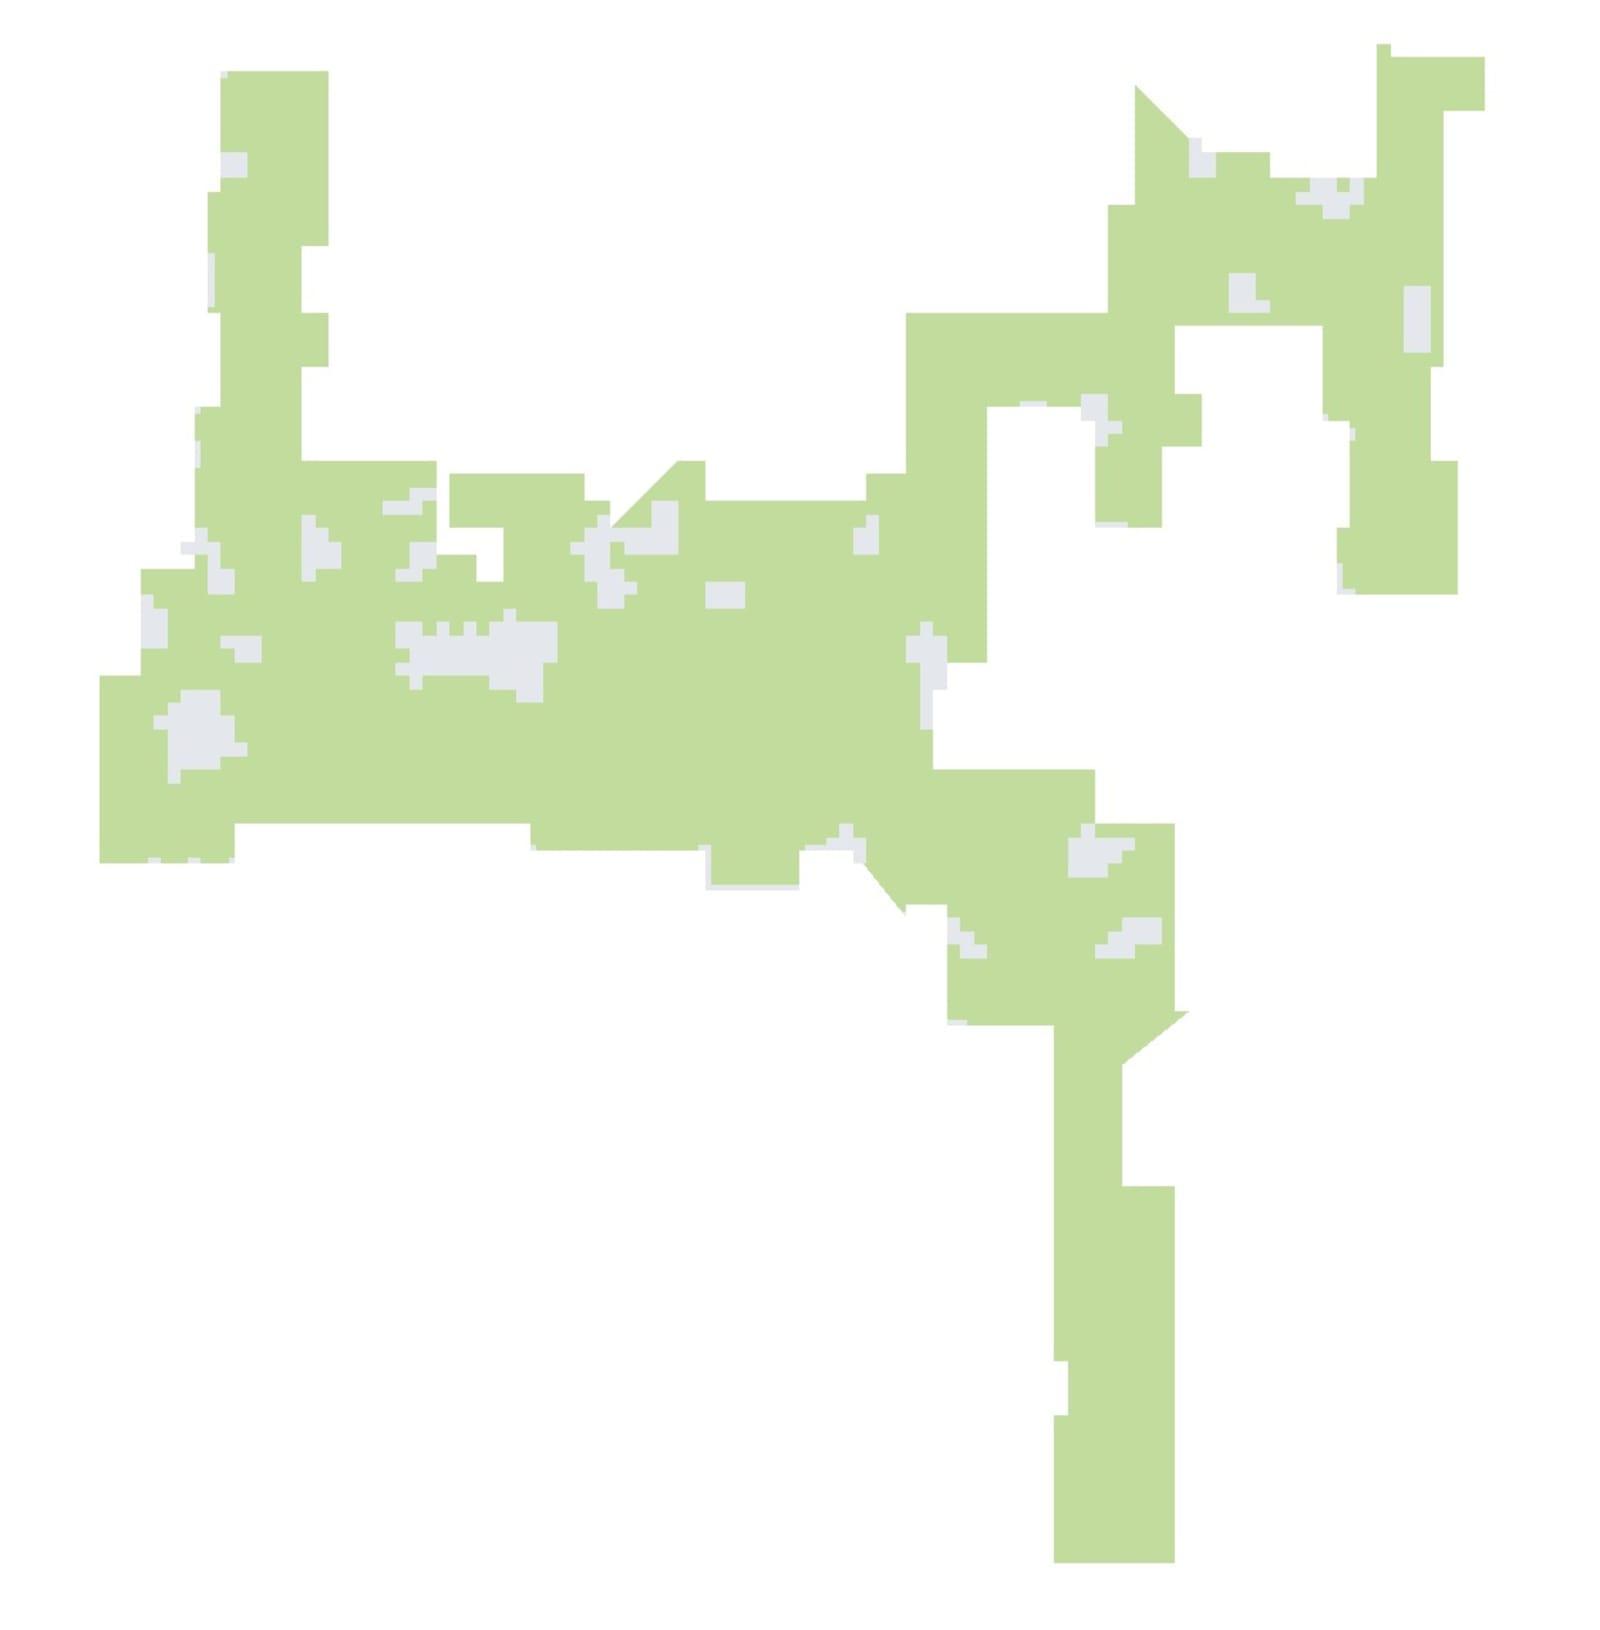 iRobot Roomba floormap